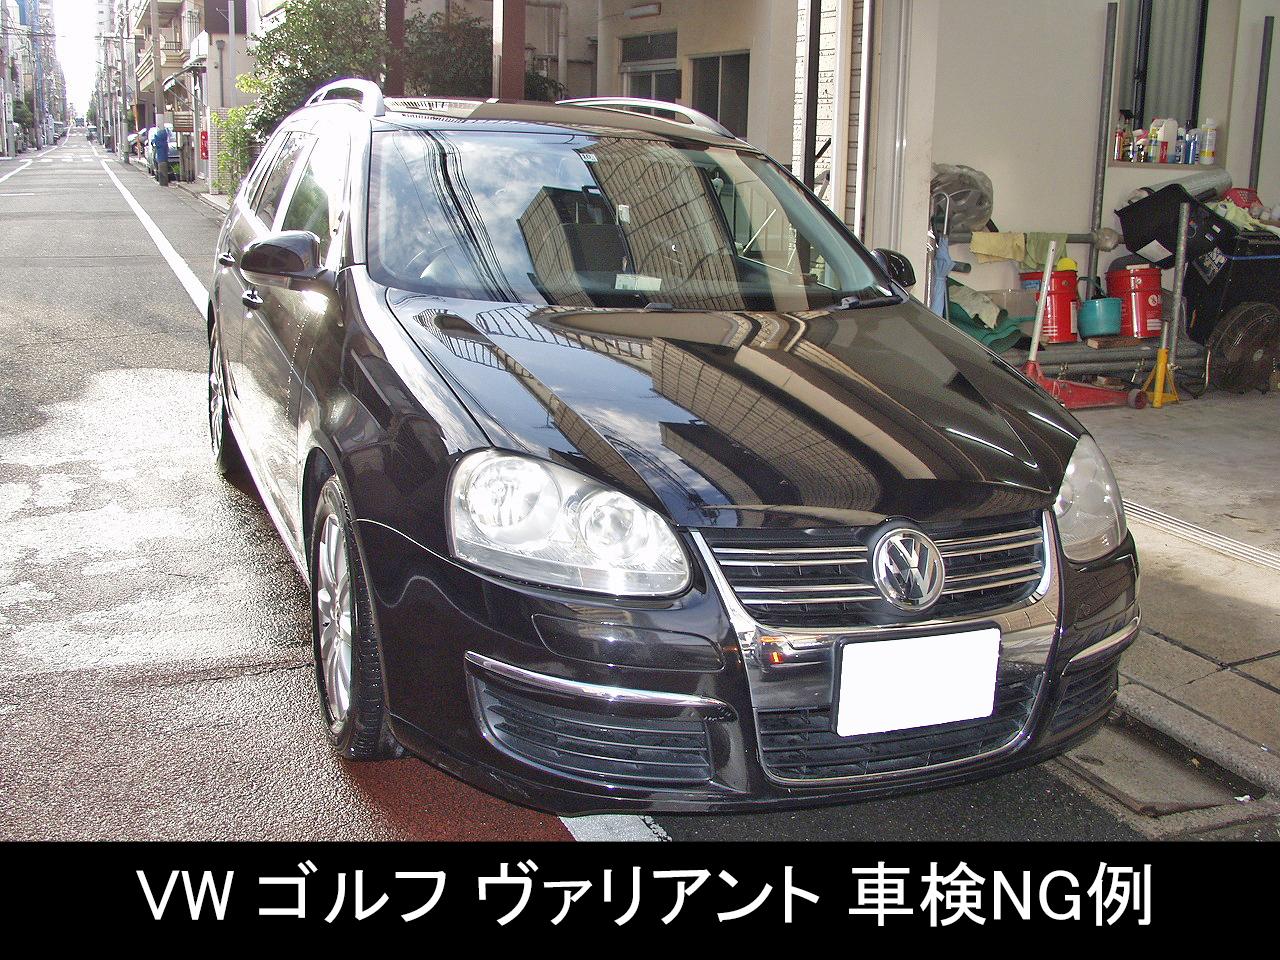 【車検NG例】VW ゴルフ ヴァリアント 複数の不具合を修理画像